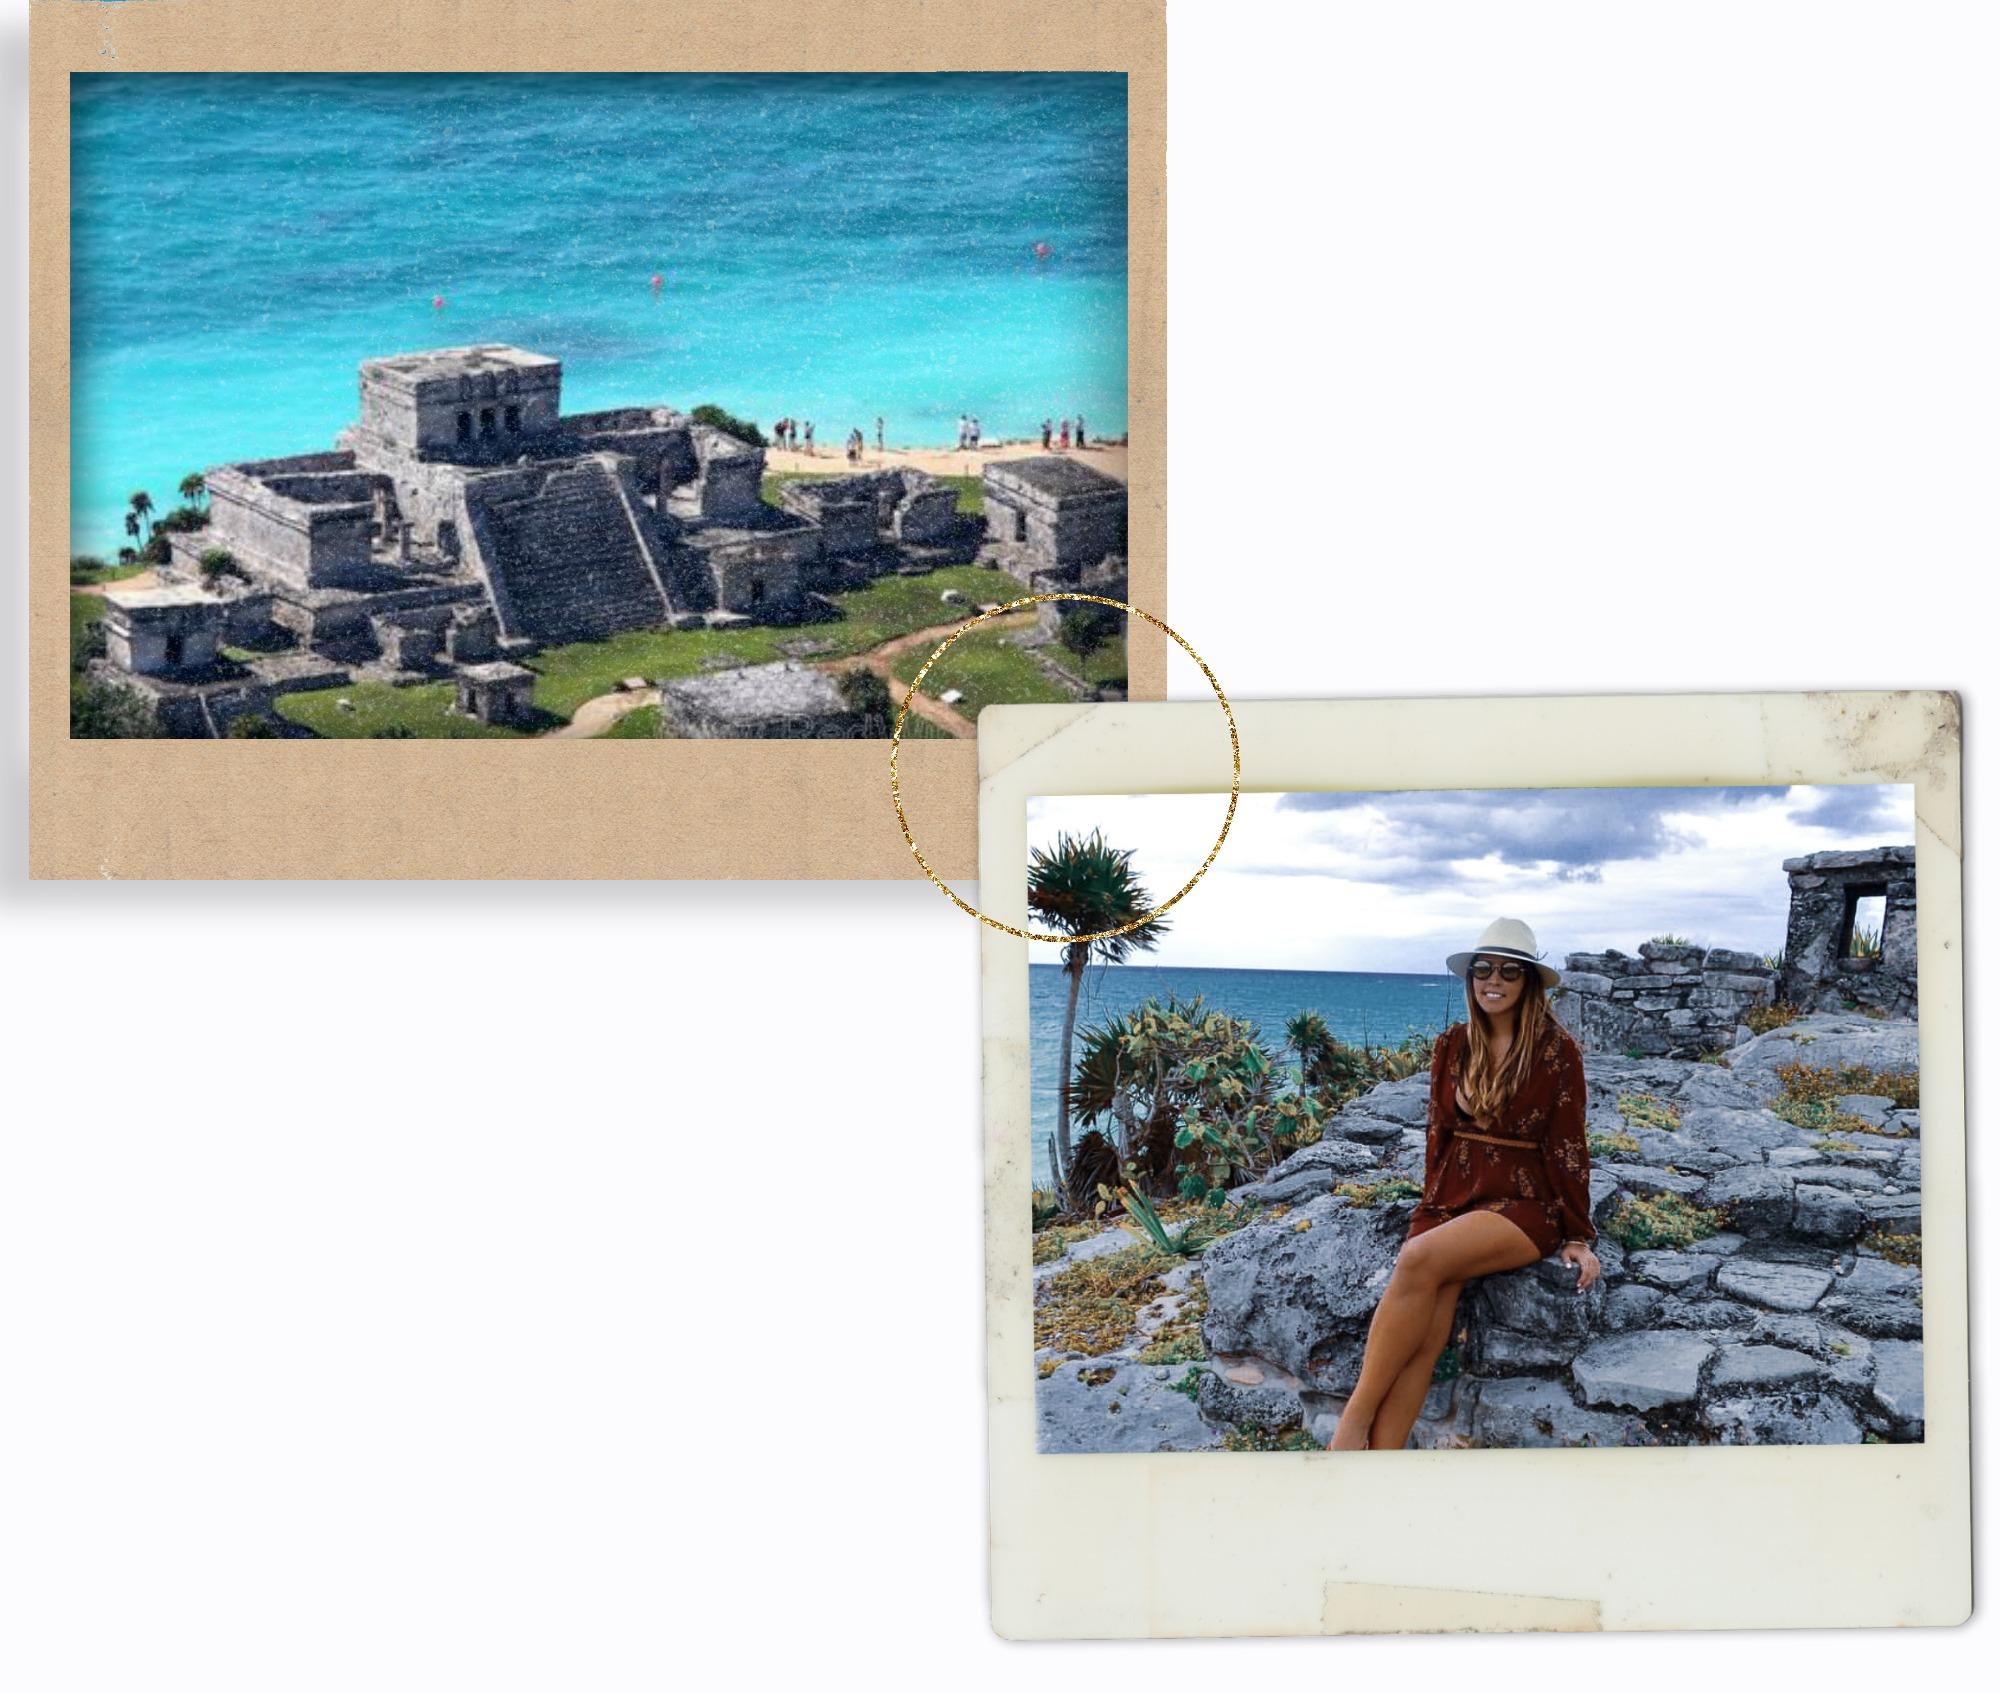 tulum ruins collage.jpg